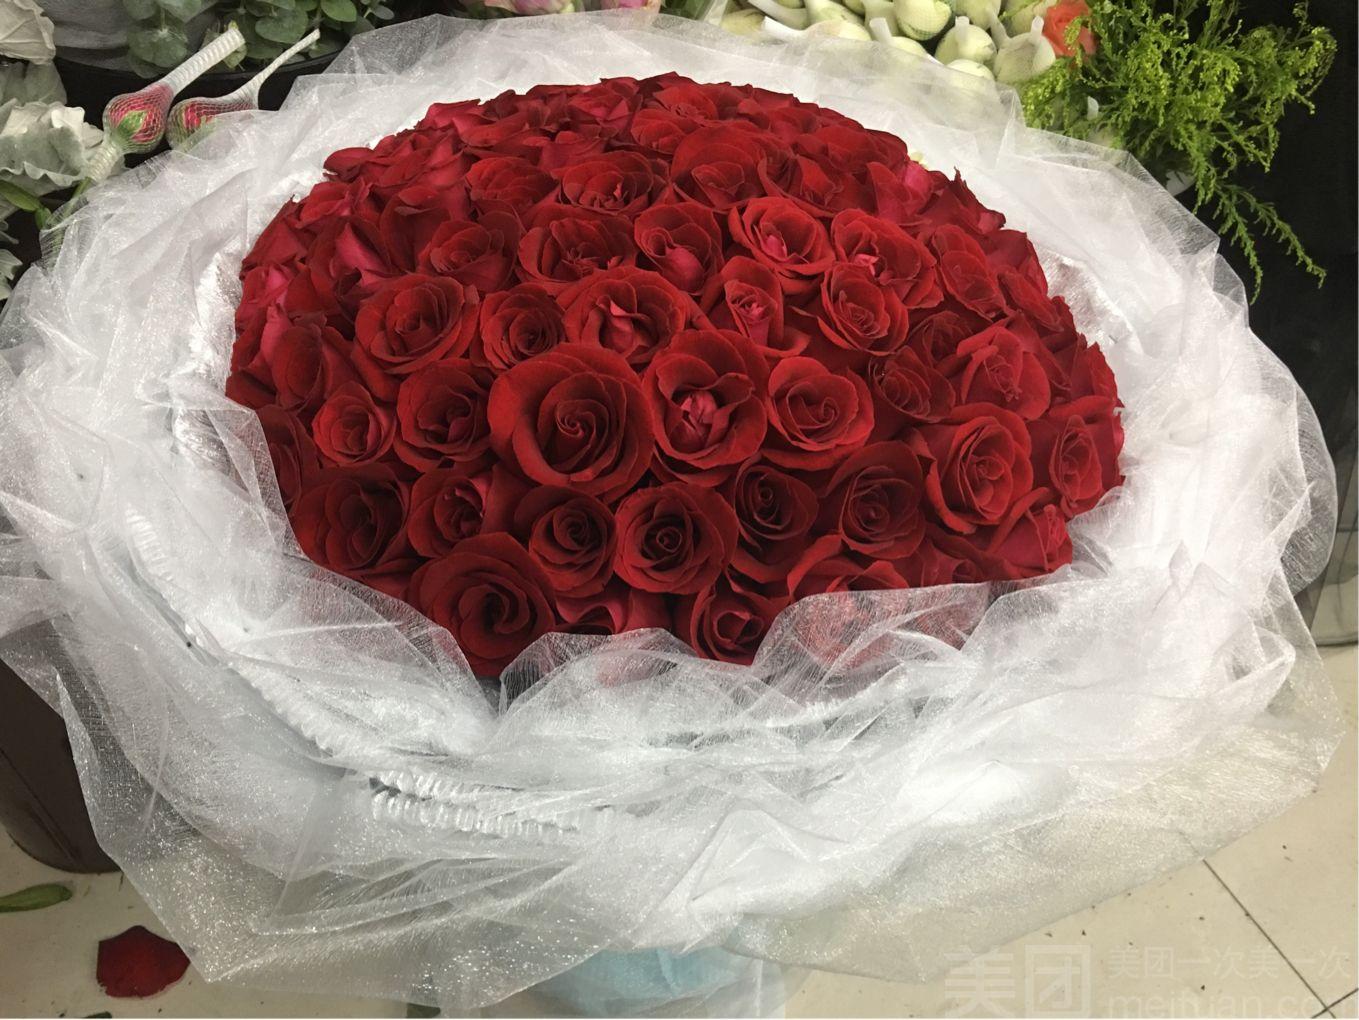 【爱尚花艺】99朵红玫瑰白色圆形花束